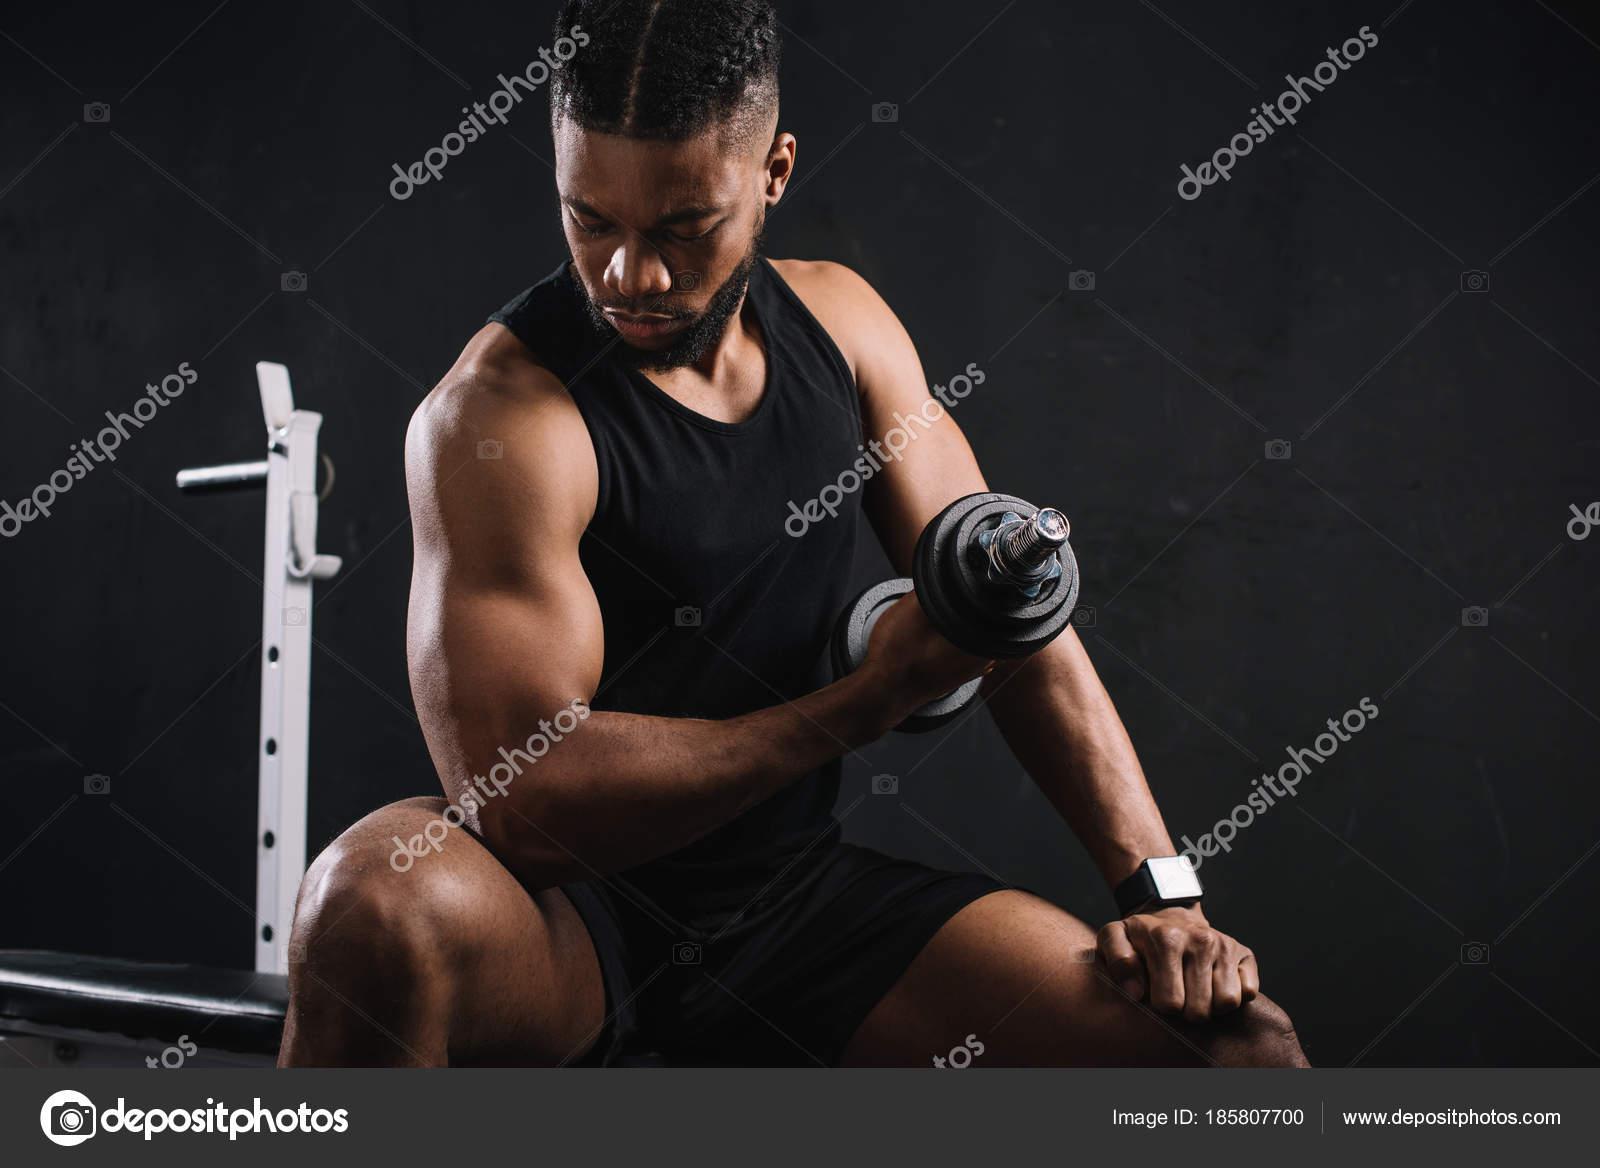 Junge Afrikanische Amerikanische Sportler Mit Hantel